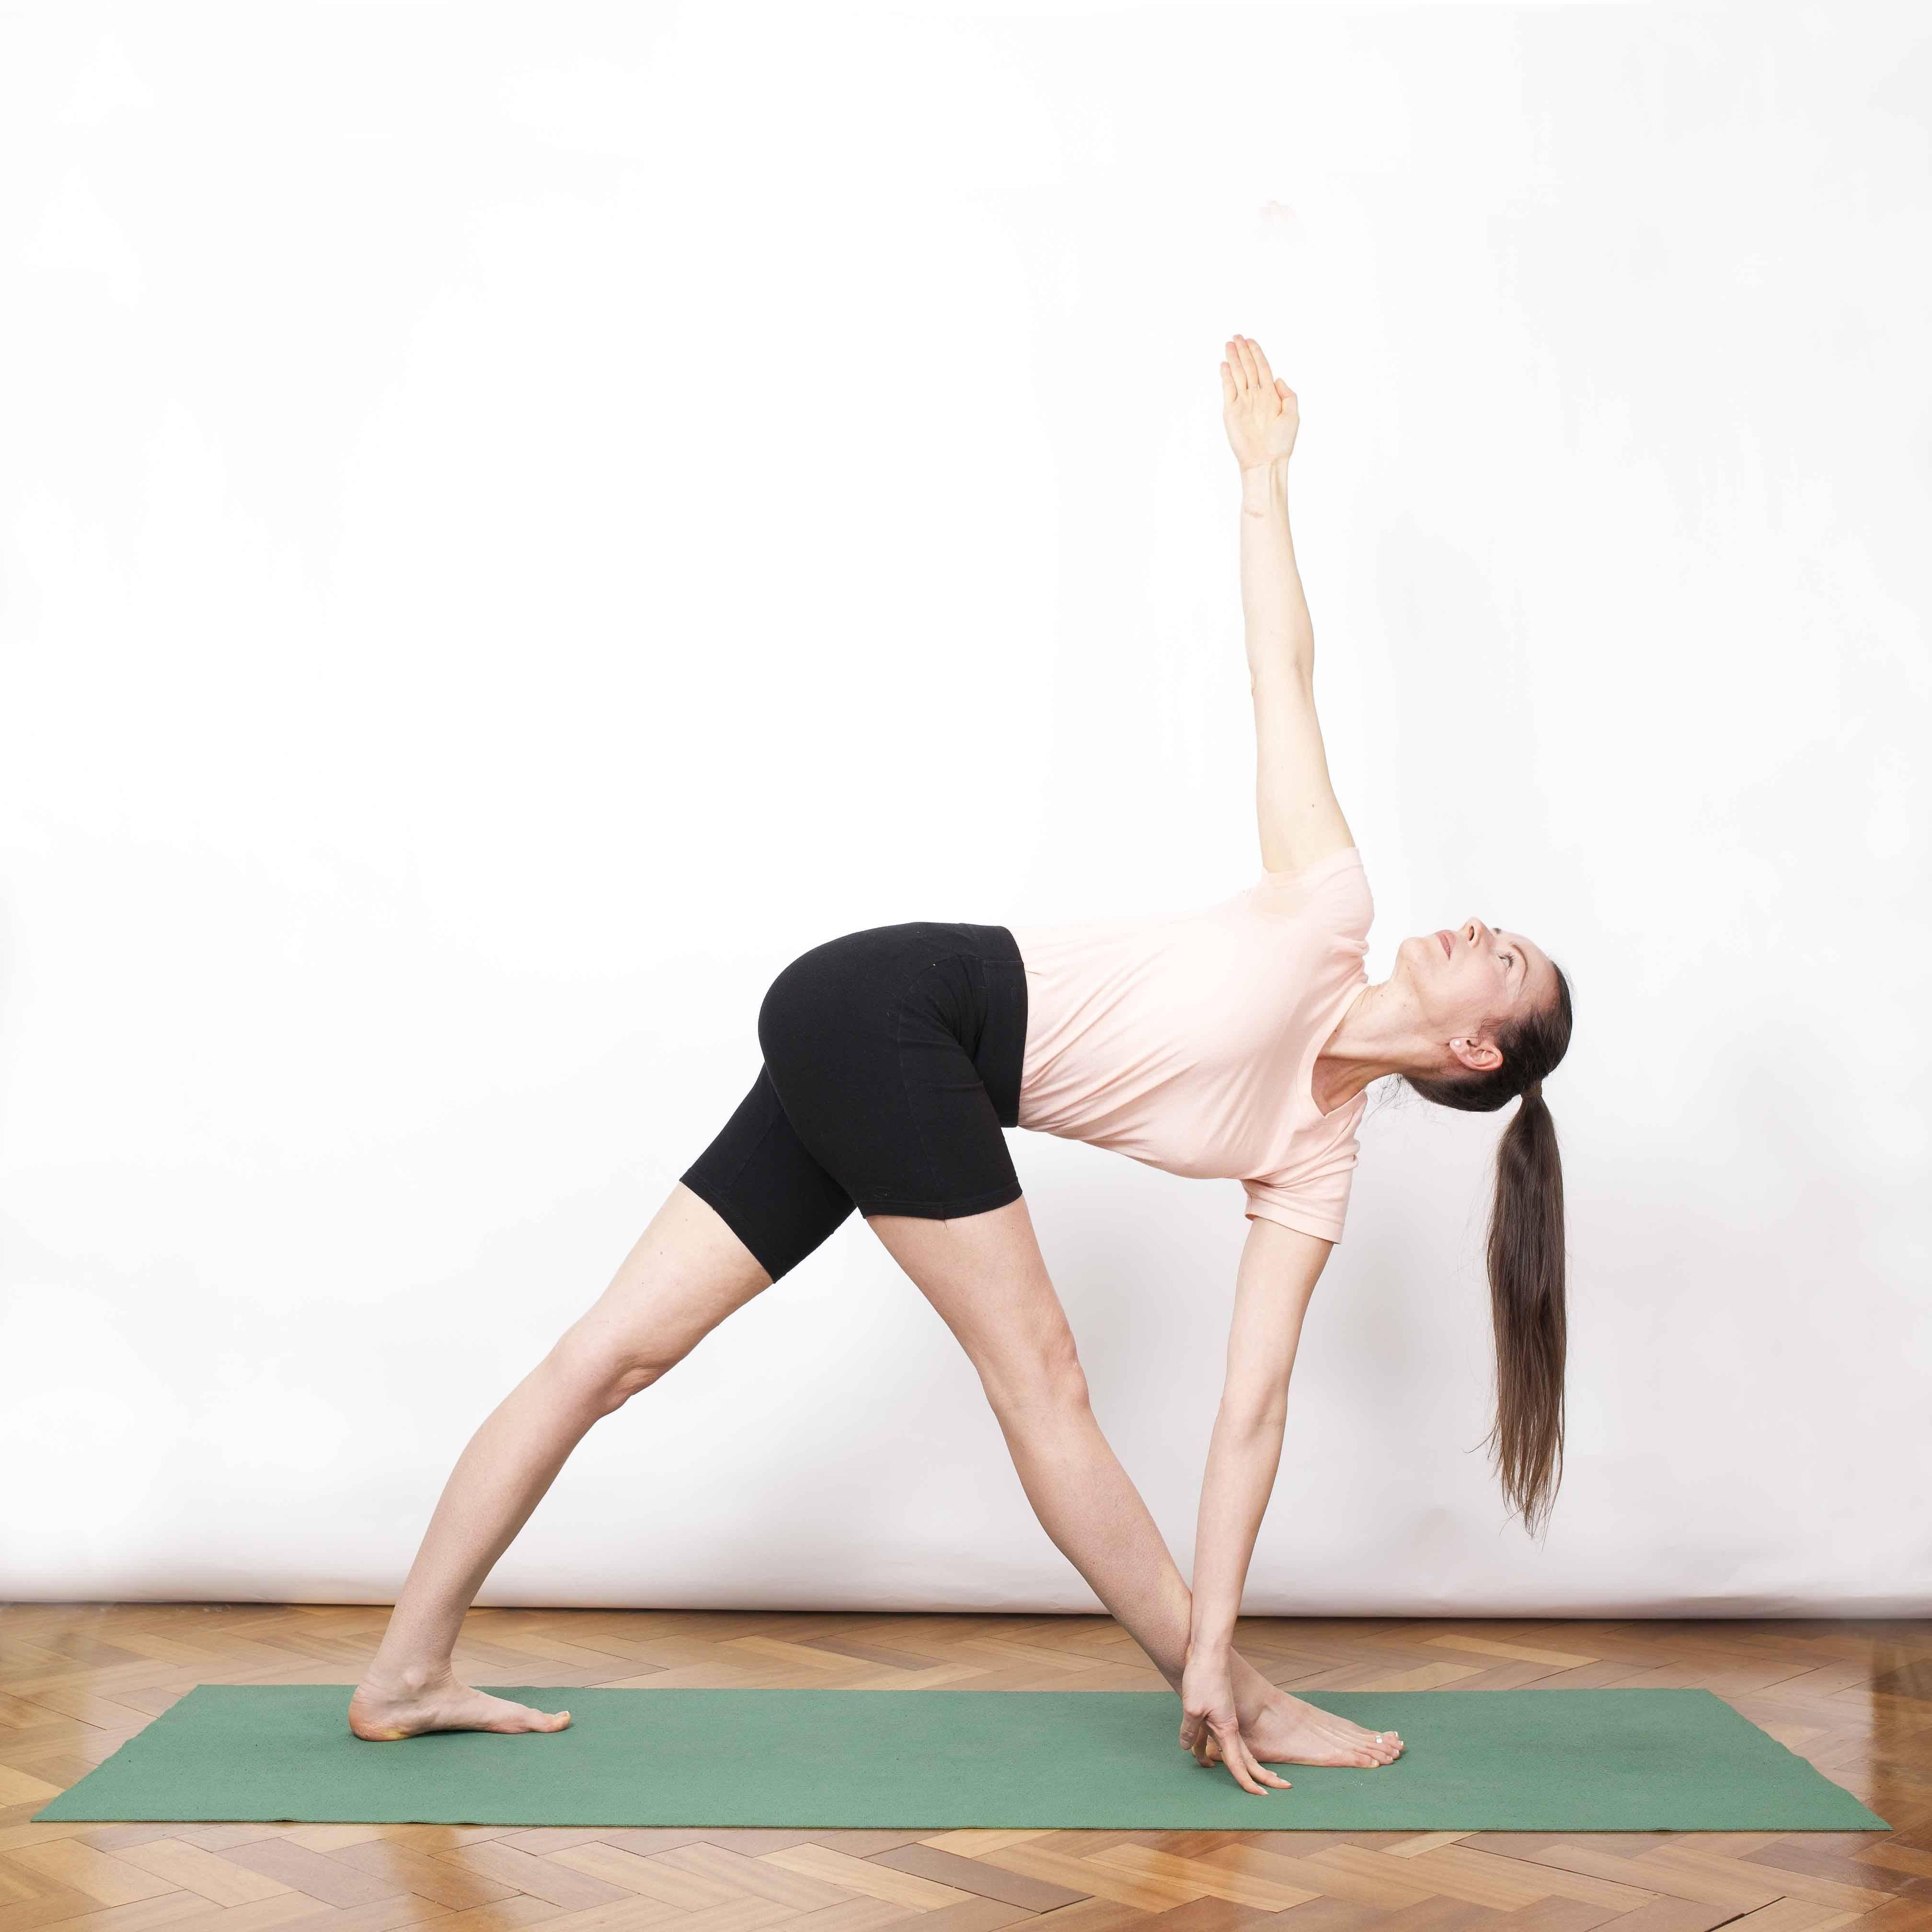 Уттхита триконасана или поза вытянутого треугольника в йоге: техника выполнения, польза, противопоказания